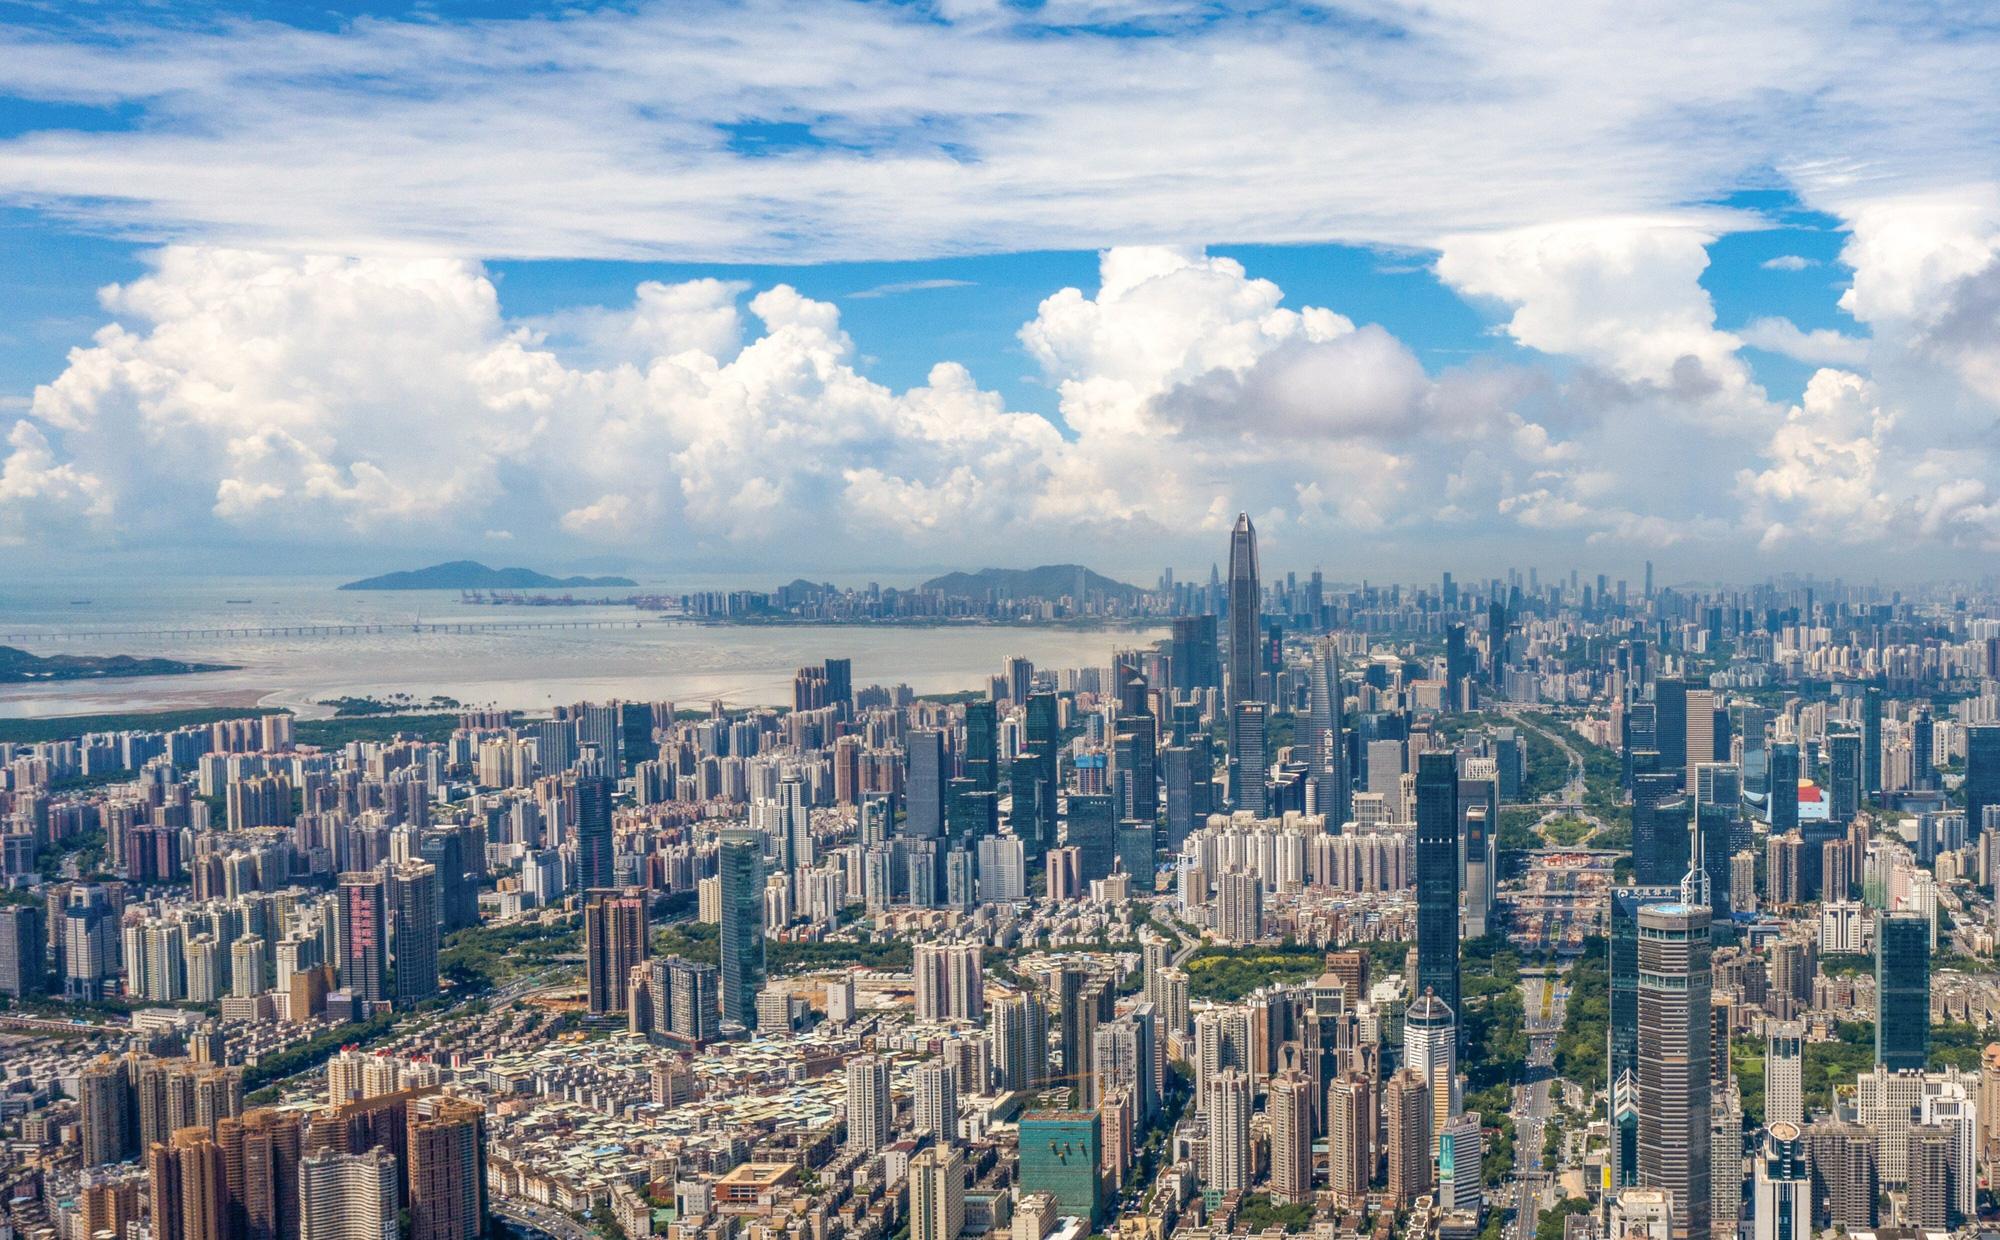 Doanh nghiệp Trung Quốc cho vay không lãi suất, giúp nhân viên mua nhà để hút nhân tài - Ảnh 1.